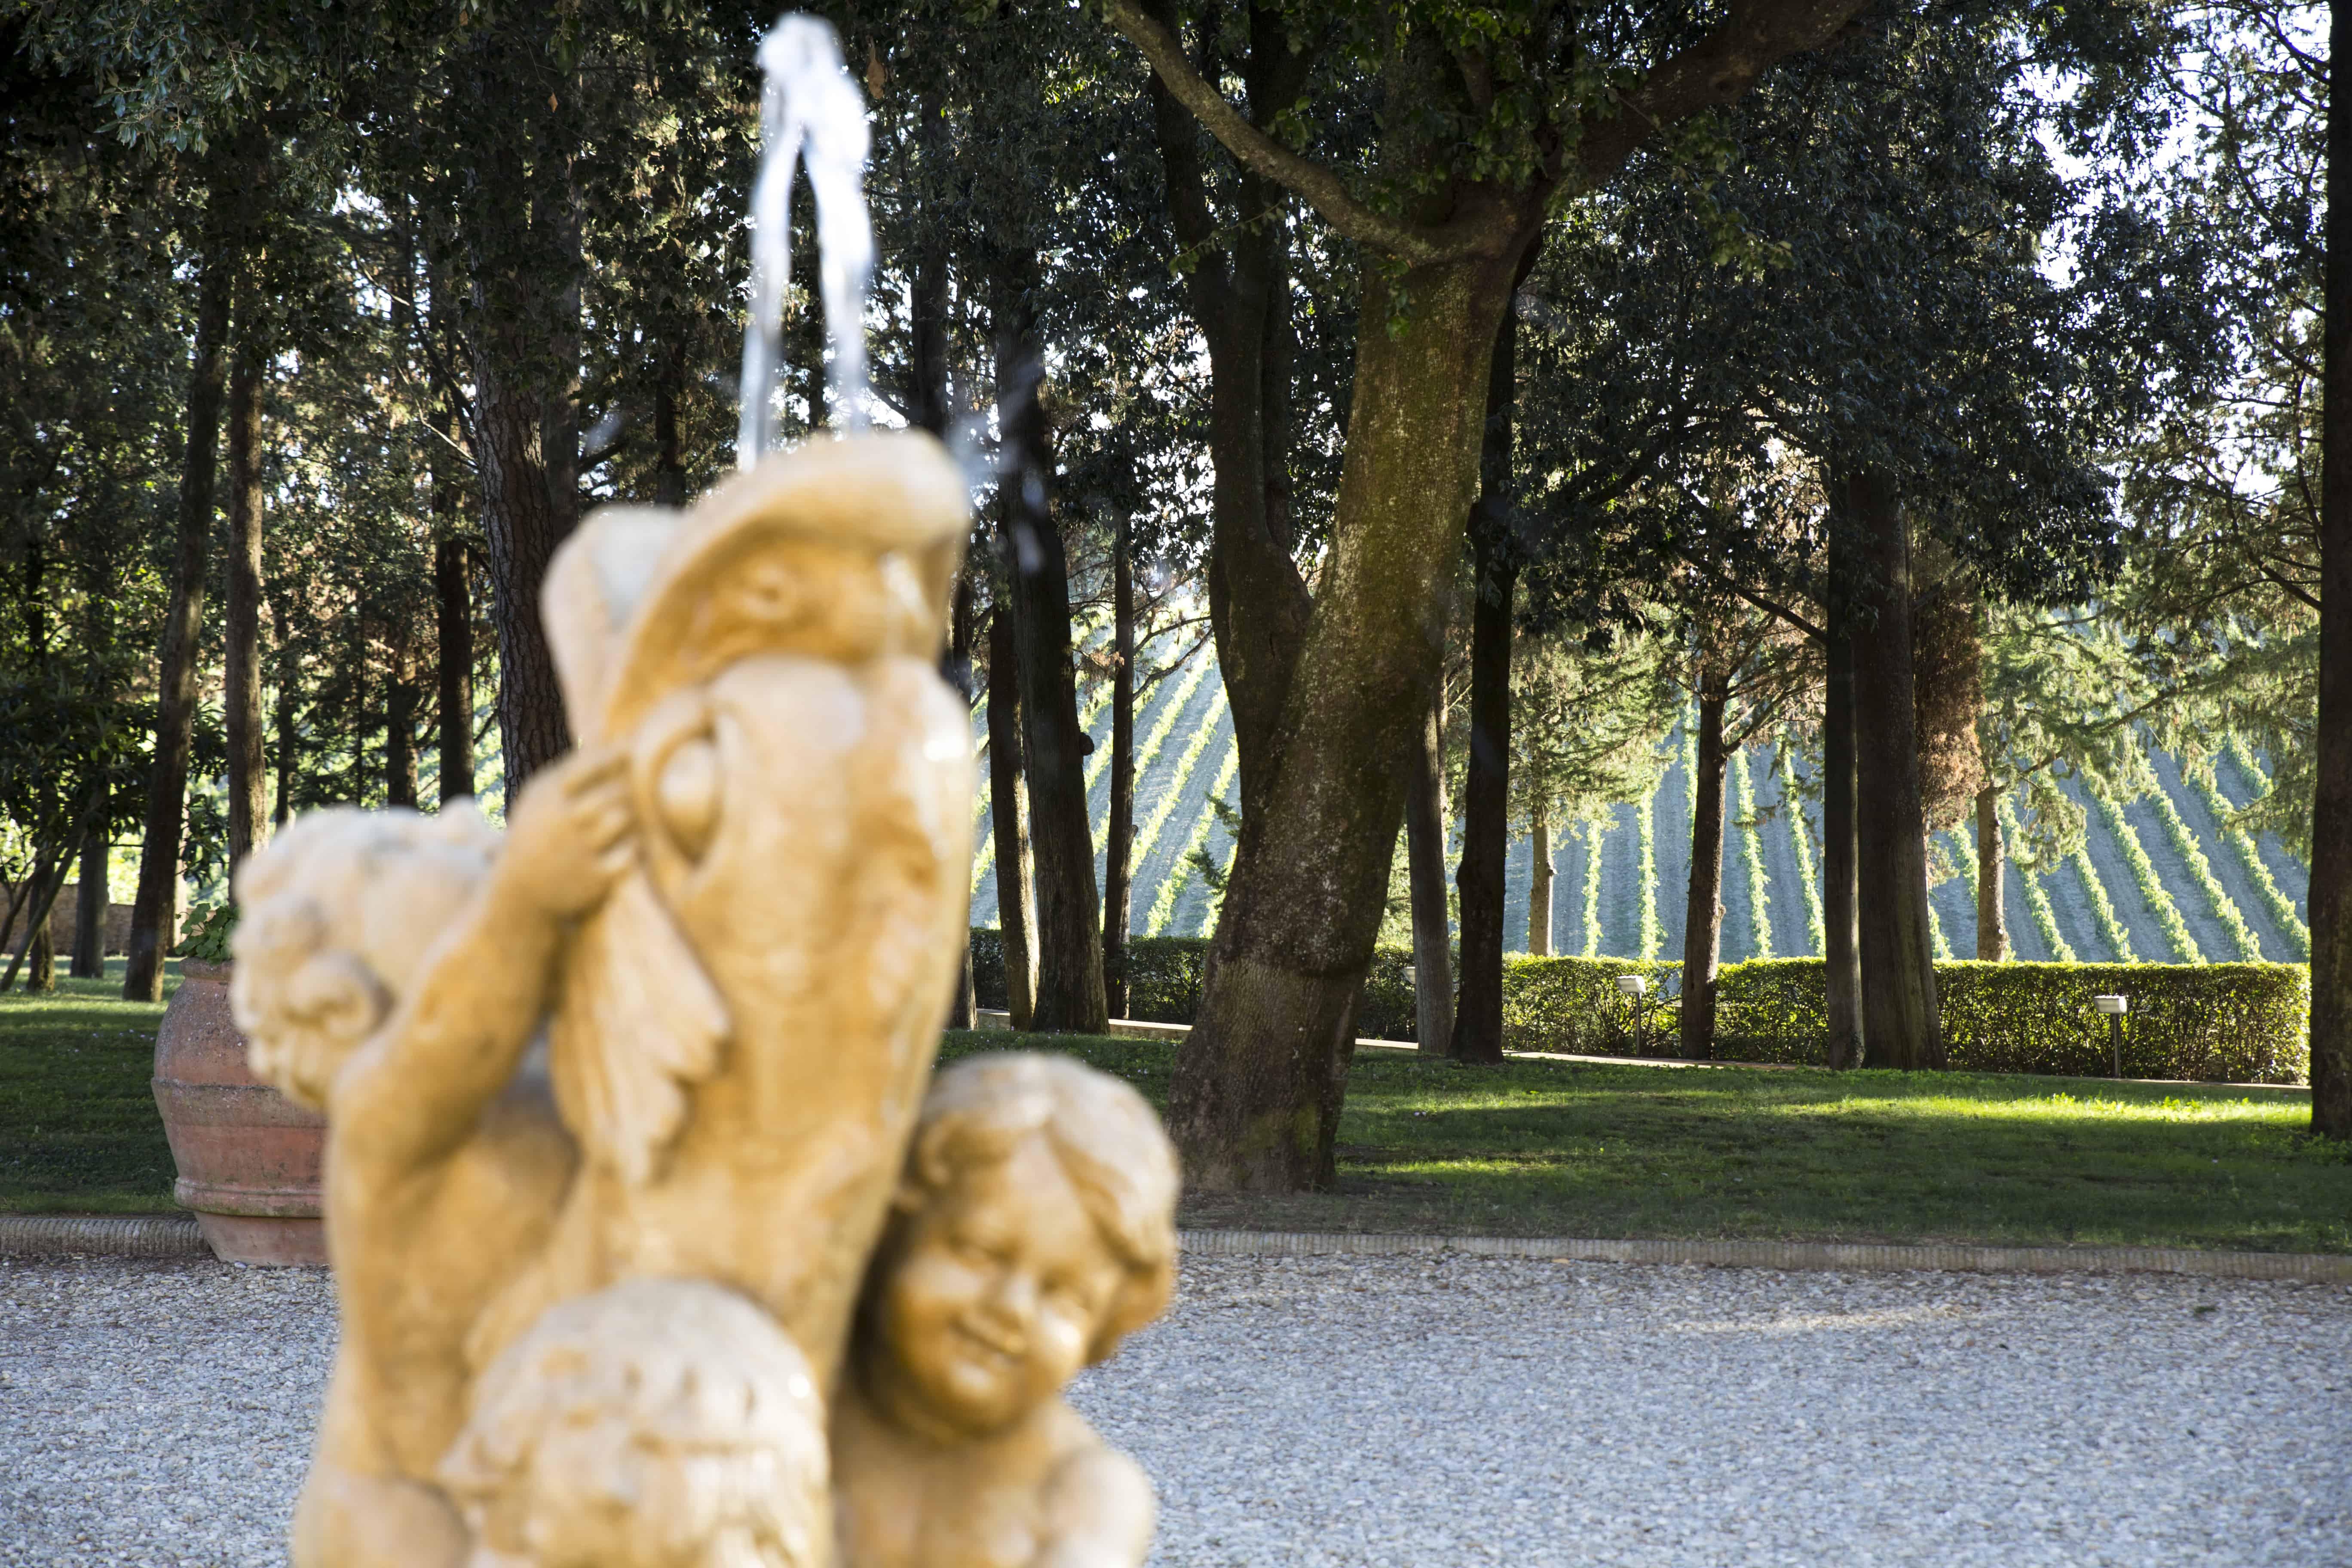 Toscanan aurinko paistaa.